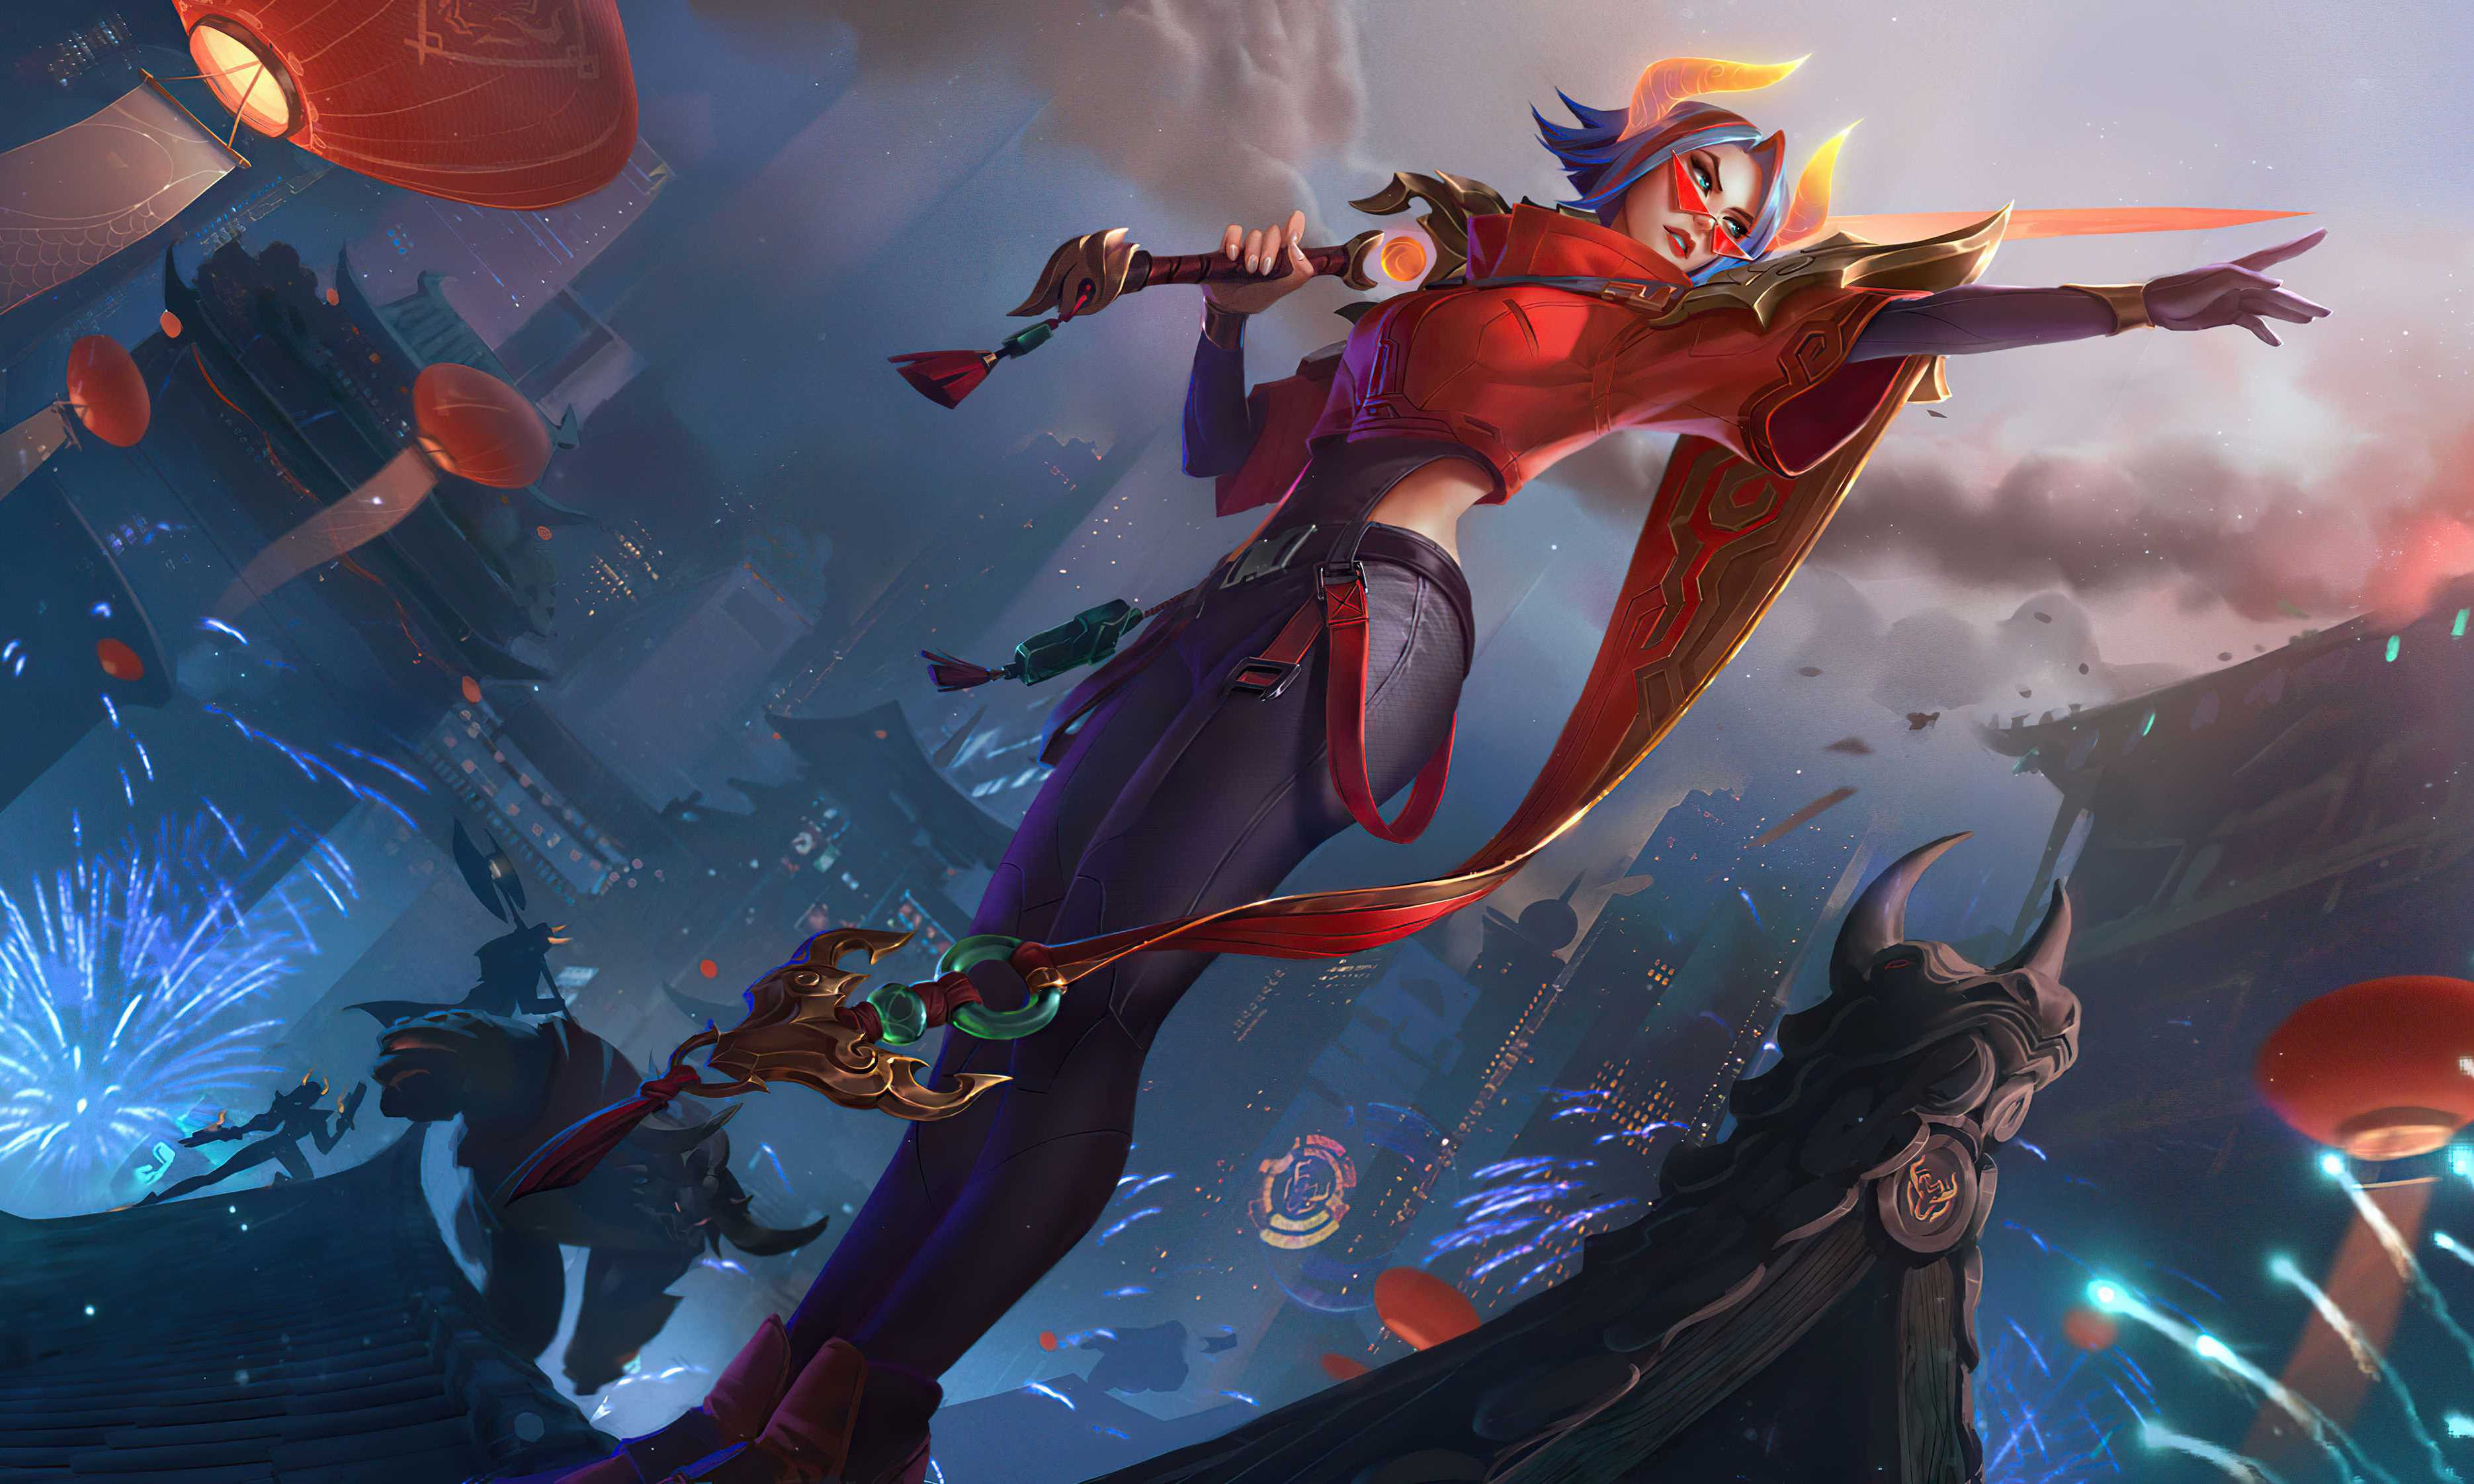 League Of Legends Fiora 4k Wallpaper